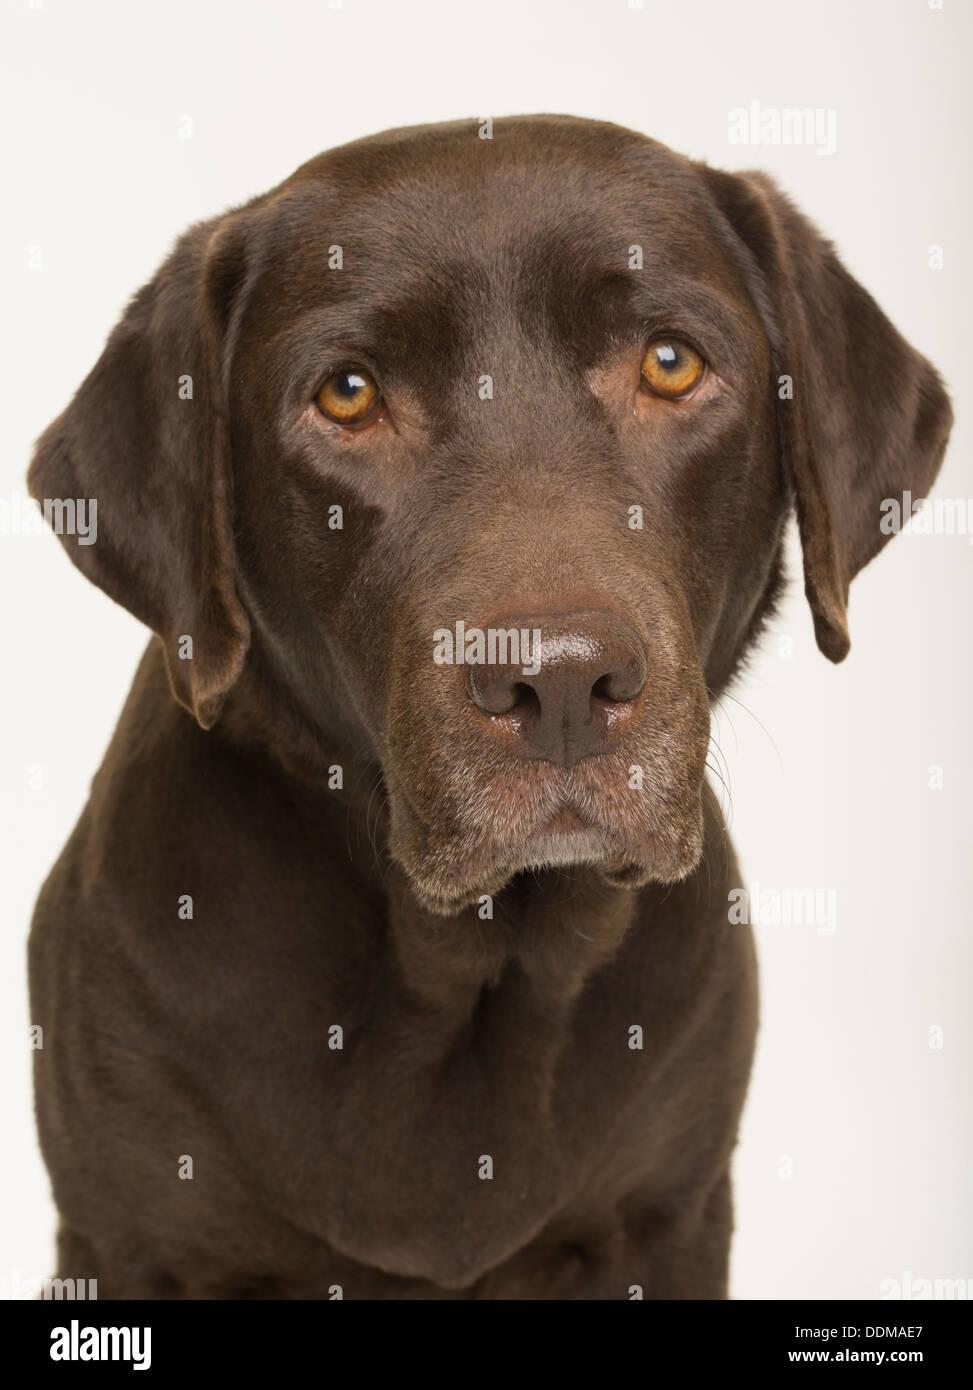 Chocolate Labrador Retriever Erwachsene Hündin Porträt auf weißen Studio-Hintergrund Stockfoto